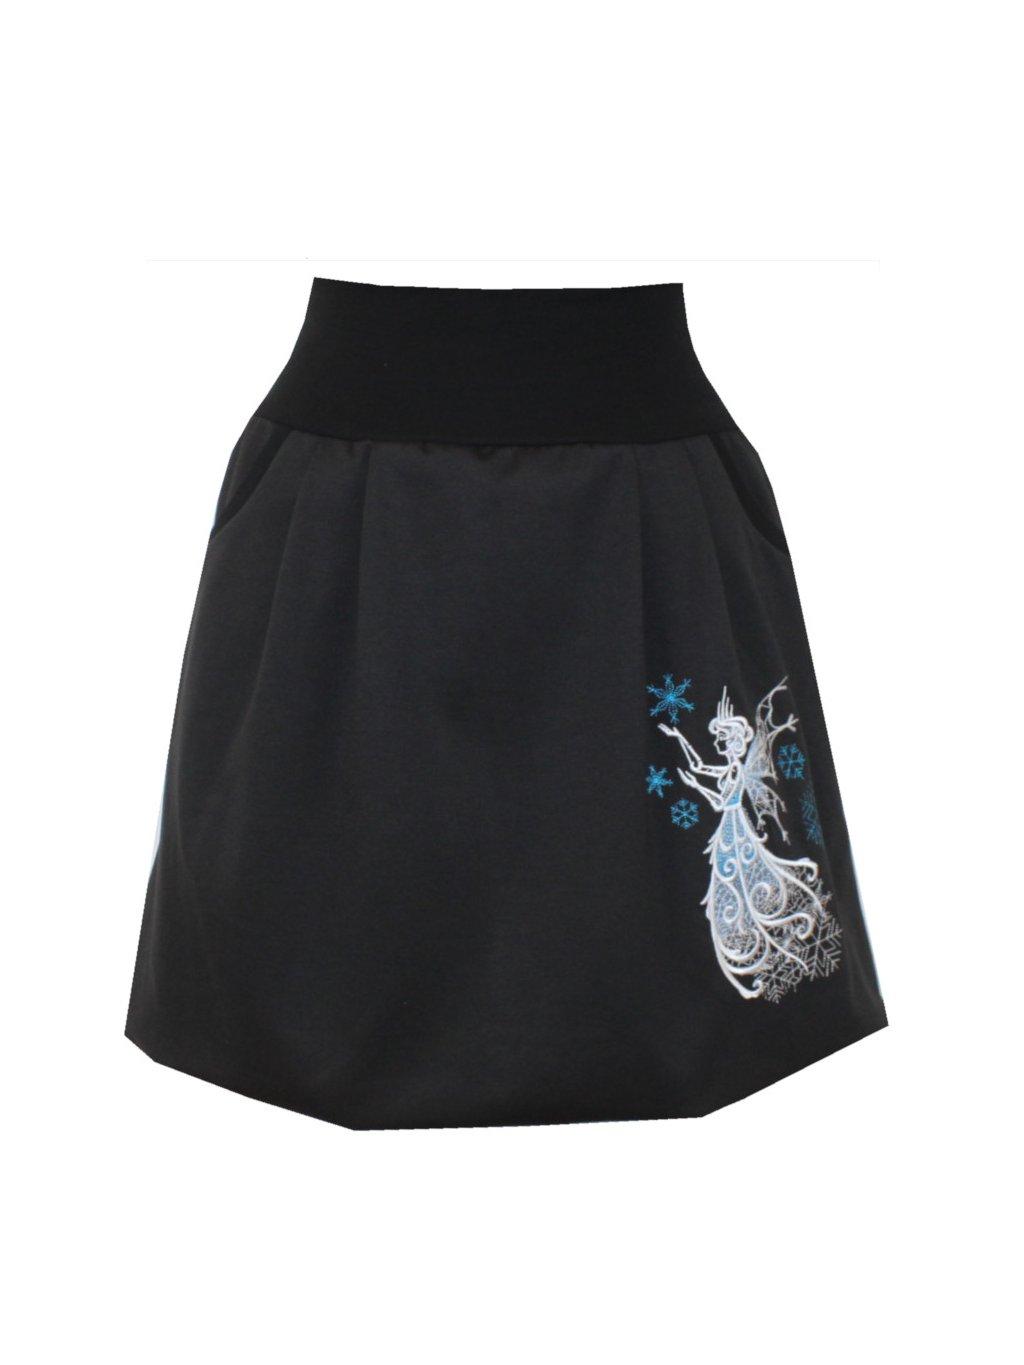 Černá balonová sukně, víla a vločky, kapsy